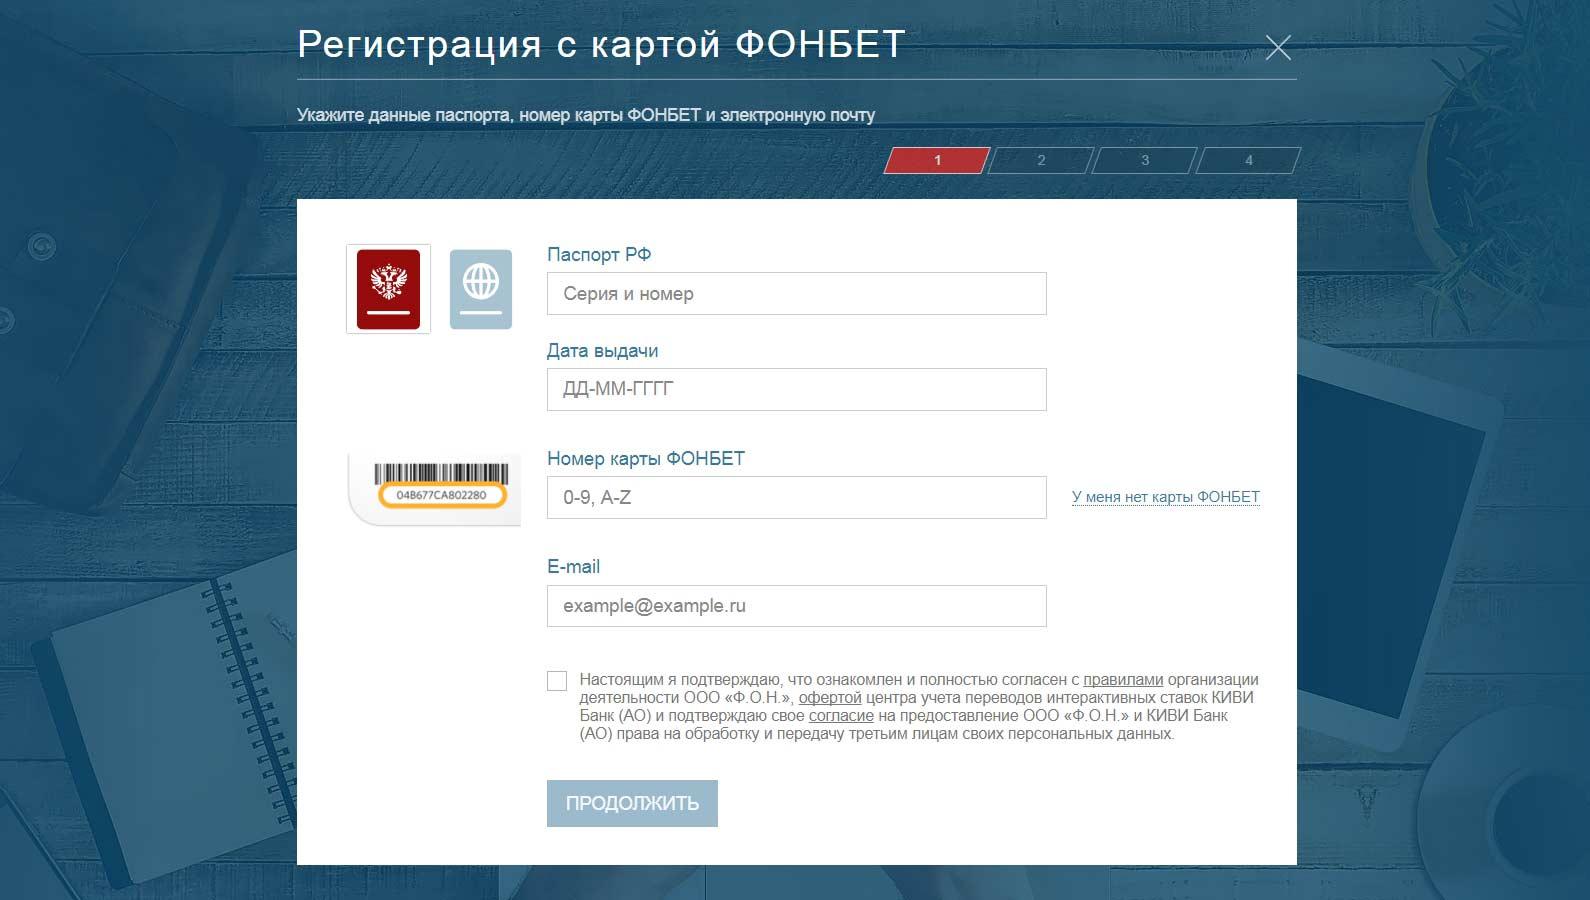 Фонбет регистрация